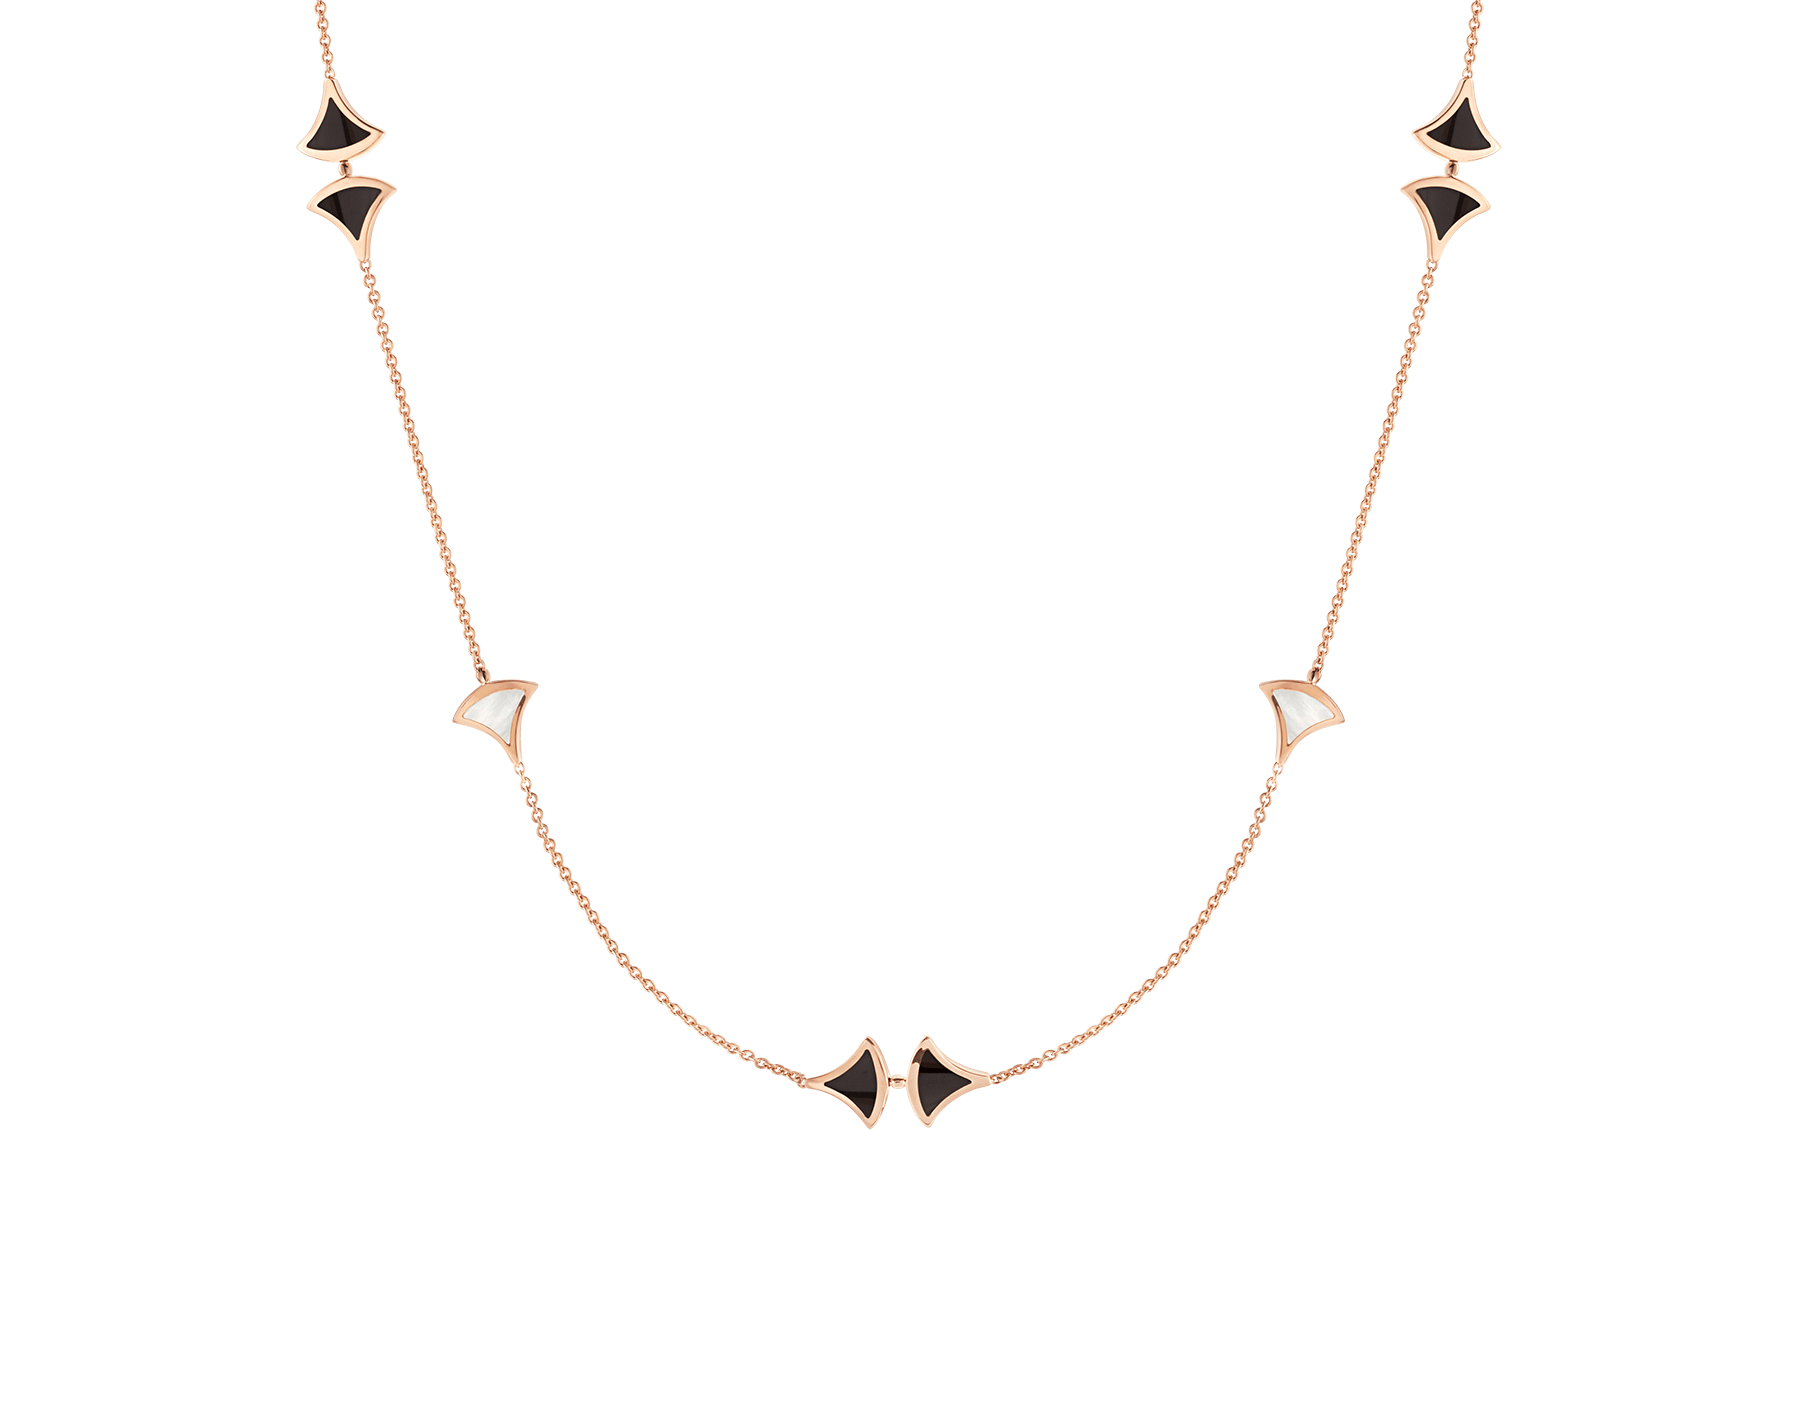 Sautoir DIVAS' DREAM en or rose 18K avec pendentif serti d'éléments en nacre et onyx. 350060 image 1